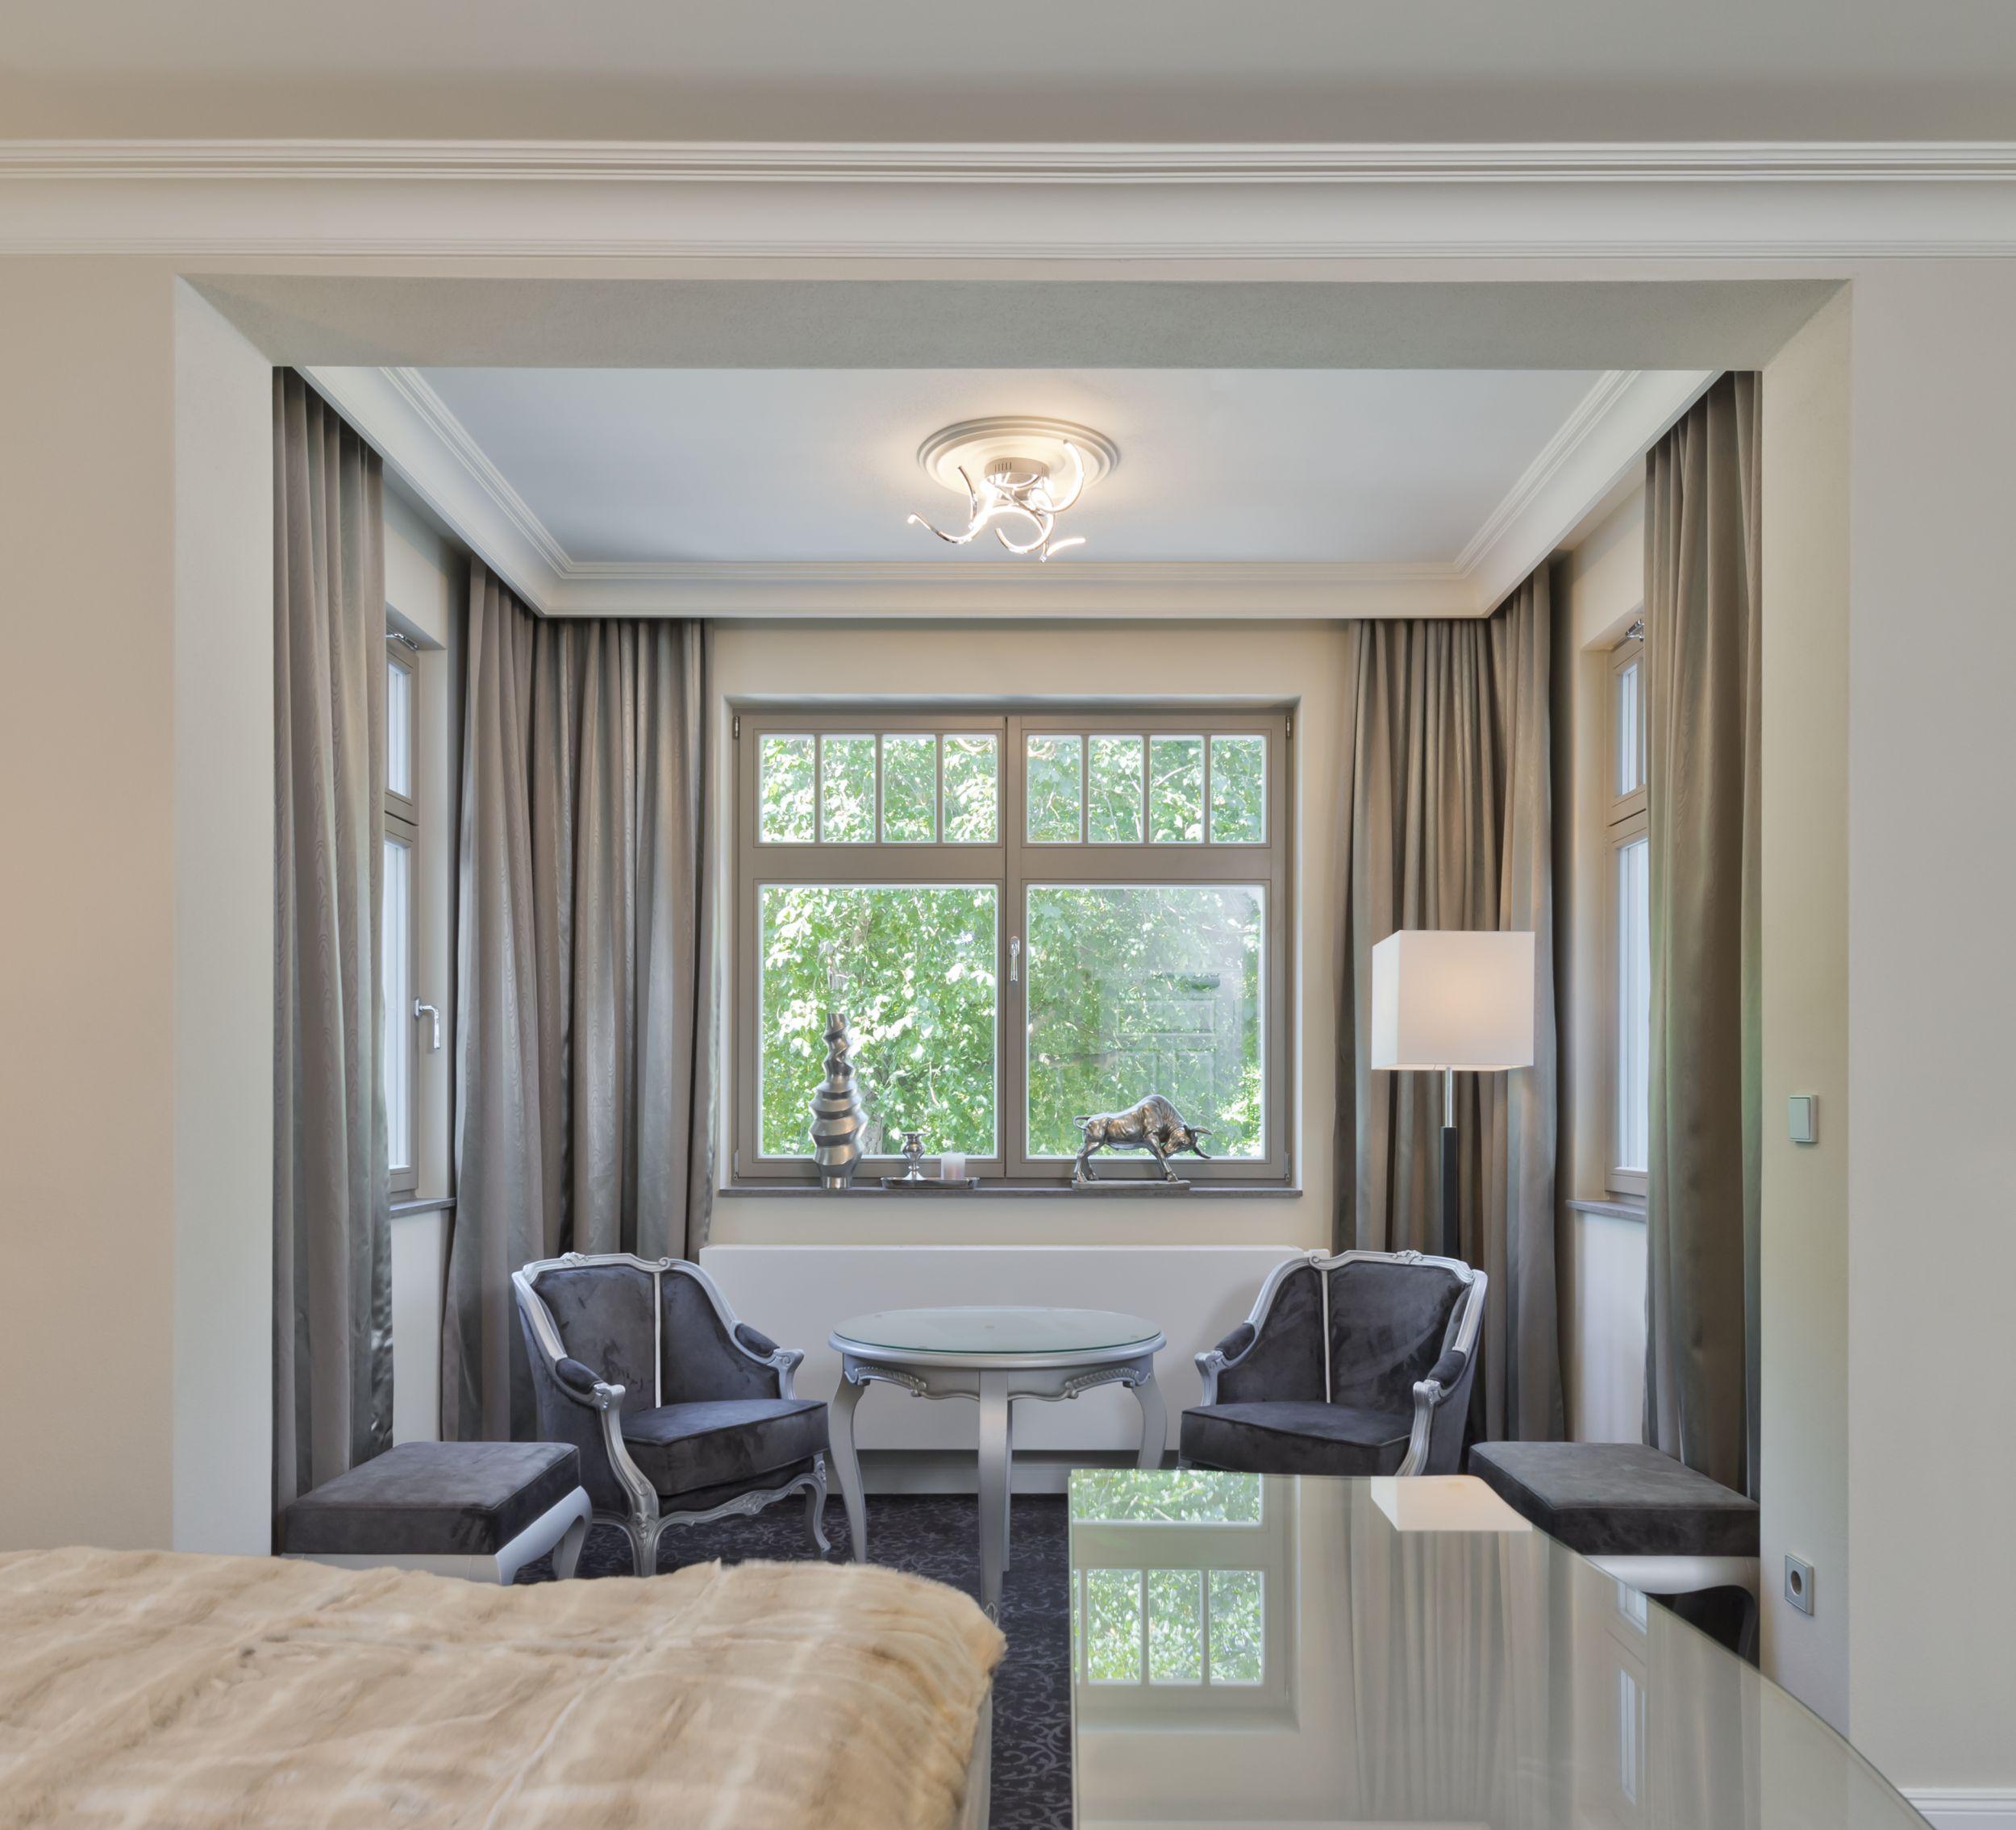 appartement in weimar hainturm f r 2 personen jetzt buchen. Black Bedroom Furniture Sets. Home Design Ideas